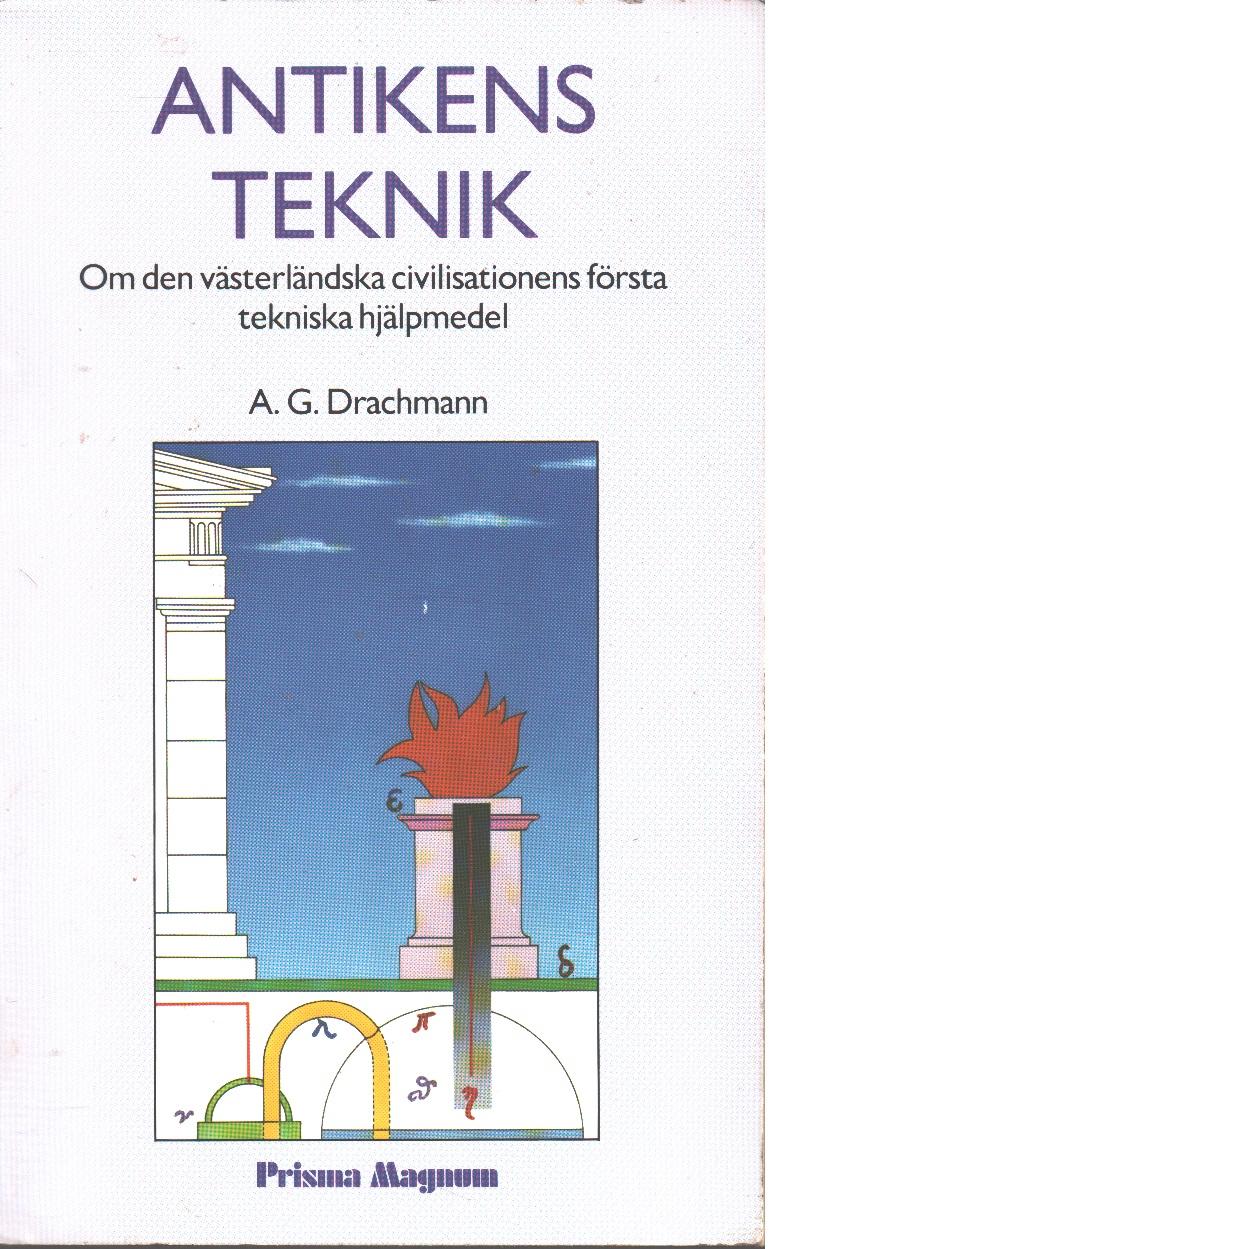 Antikens teknik : om den västerländska civilisationens första tekniska hjälpmedel - Drachmann, A. G